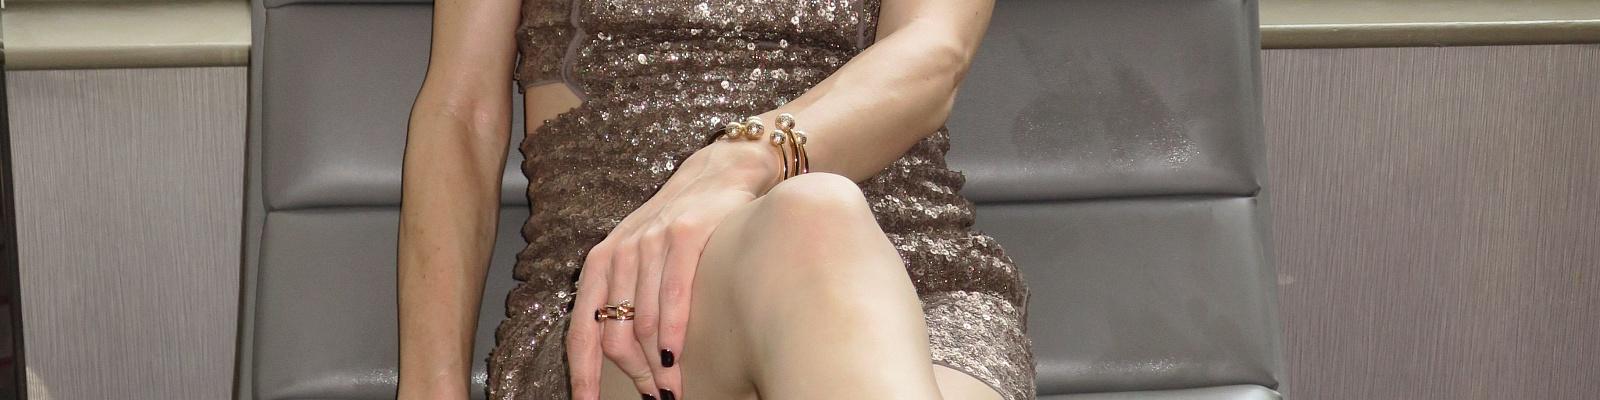 Vittoria Samson's Cover Photo